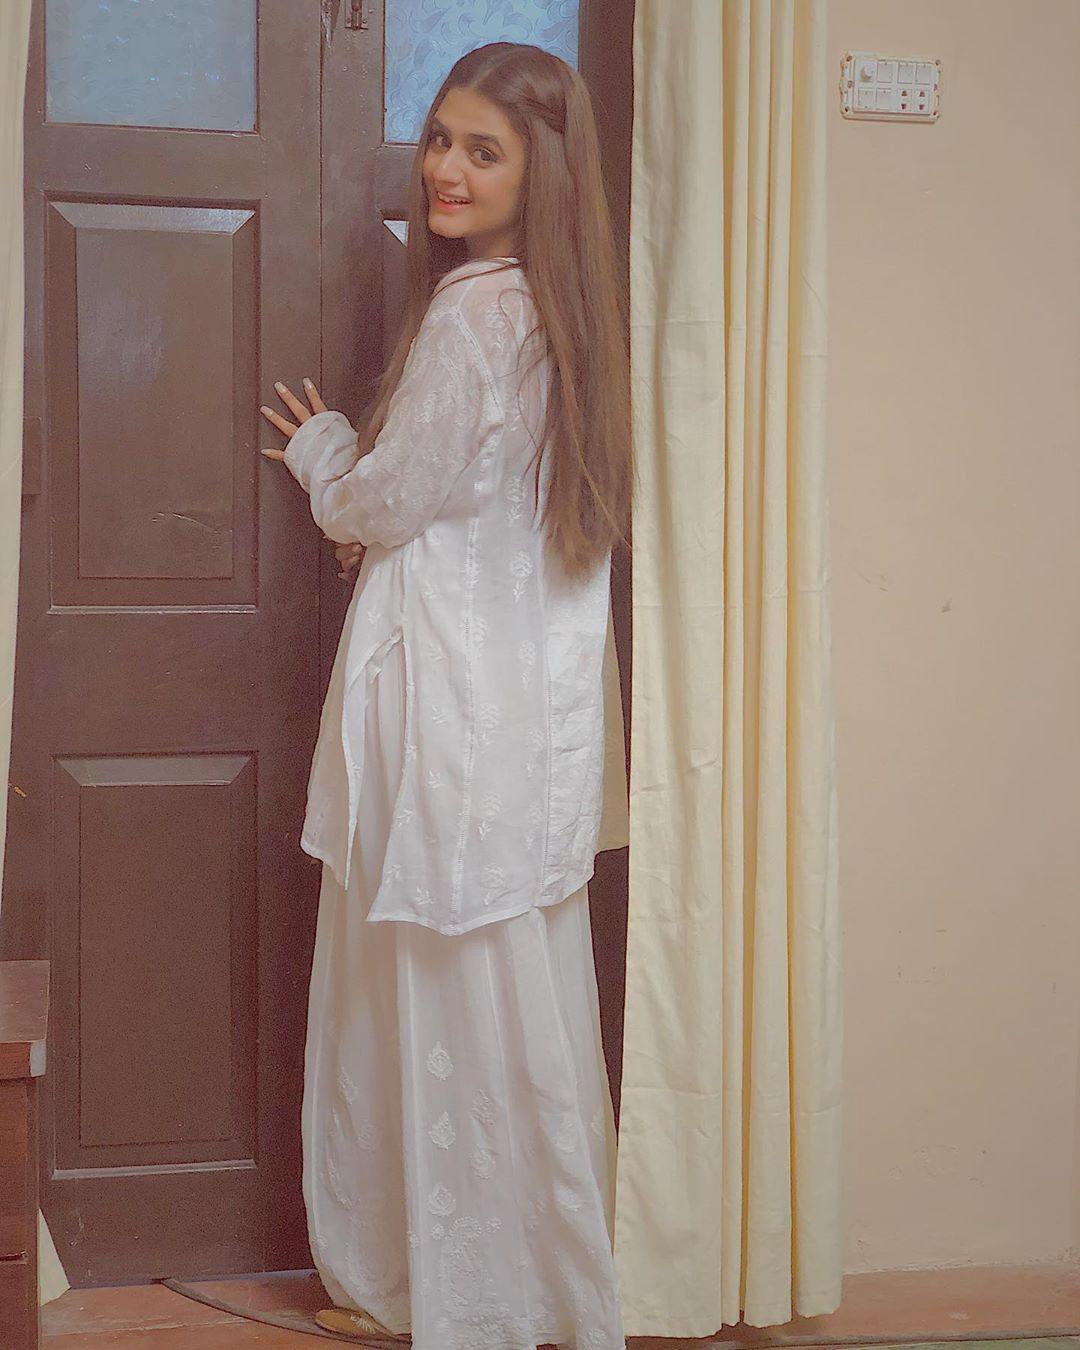 Latest Clicks of Actress Hira Mani 12